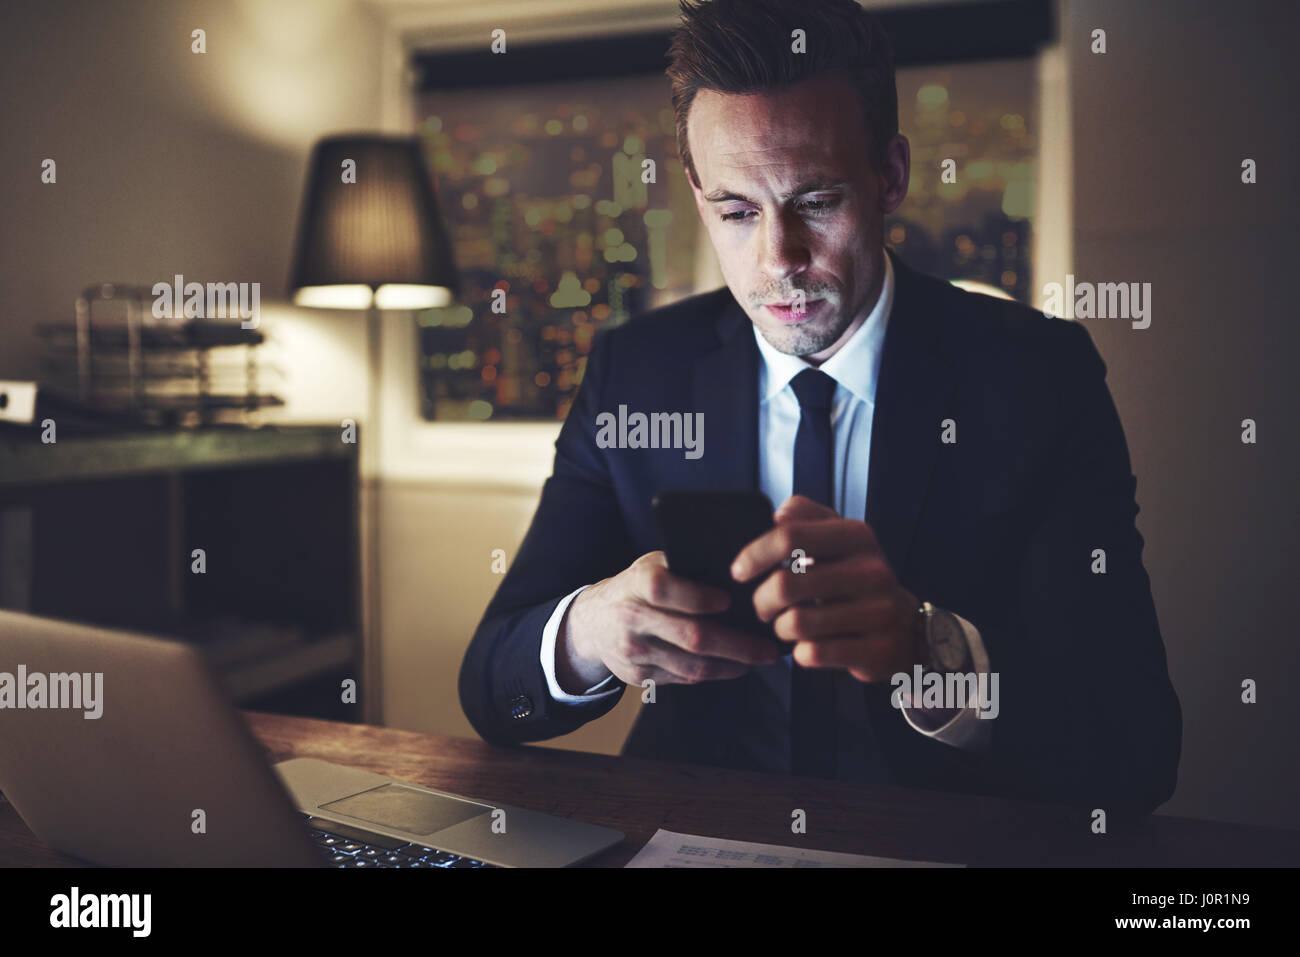 La persona intelligente con il suo smartphone al lavoro di notte. Immagini Stock